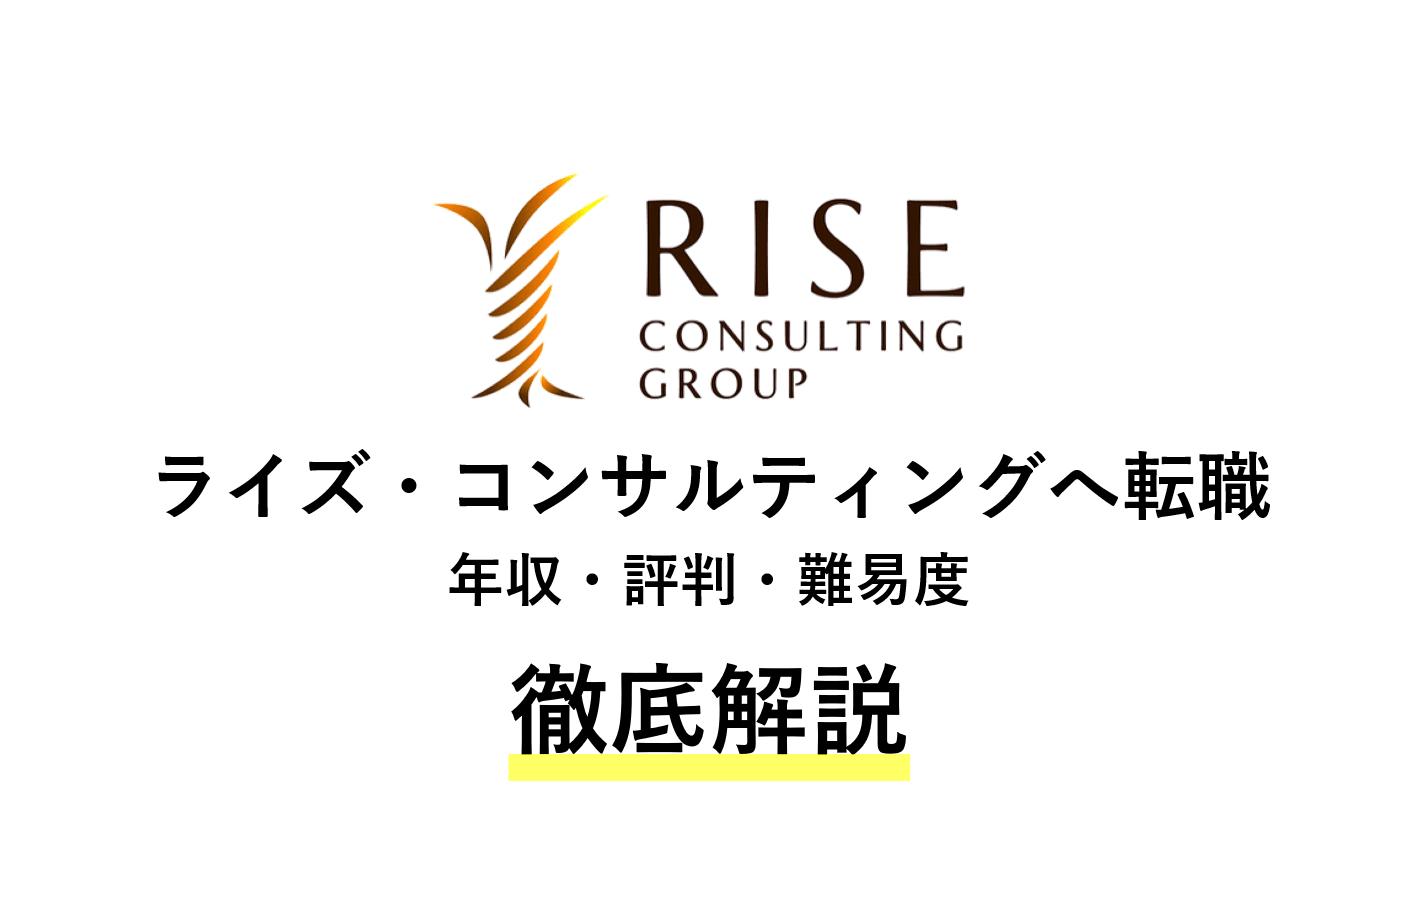 ライズ・コンサルティングに転職!年収・評判・難易度を解説